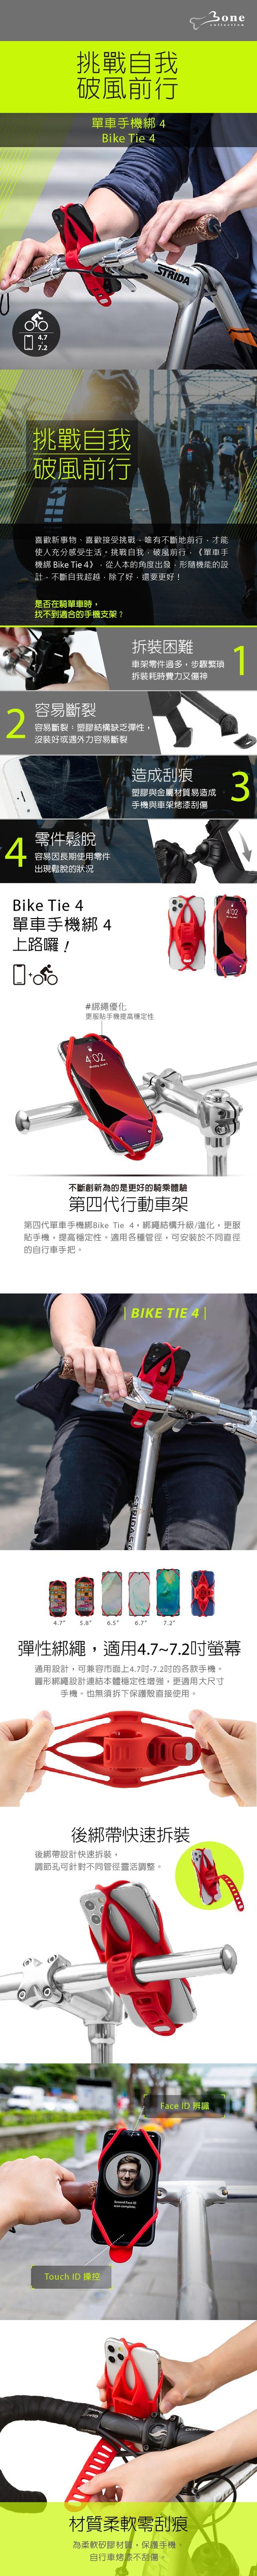 (複製)Bone │ 單車龍頭綁 手機架 第三代 Bike Tie Pro 3 - 紅